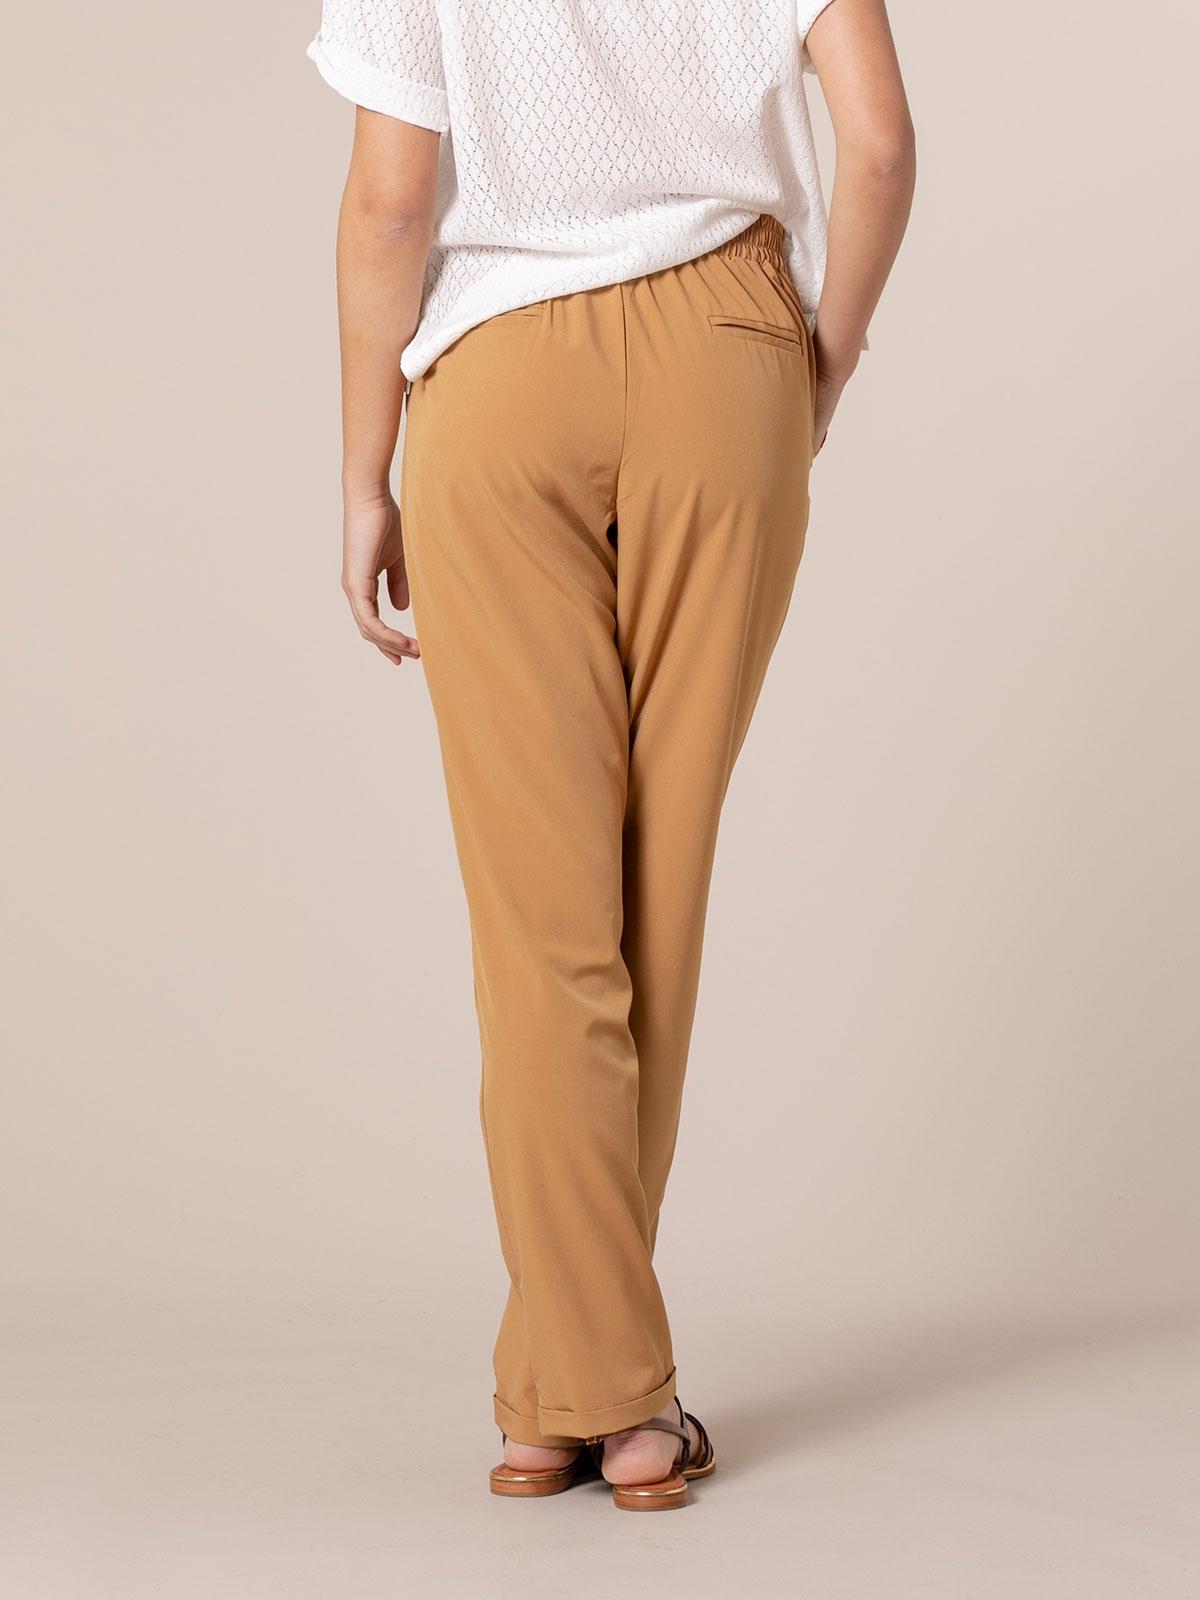 Pantalón mujer confort liso Beige